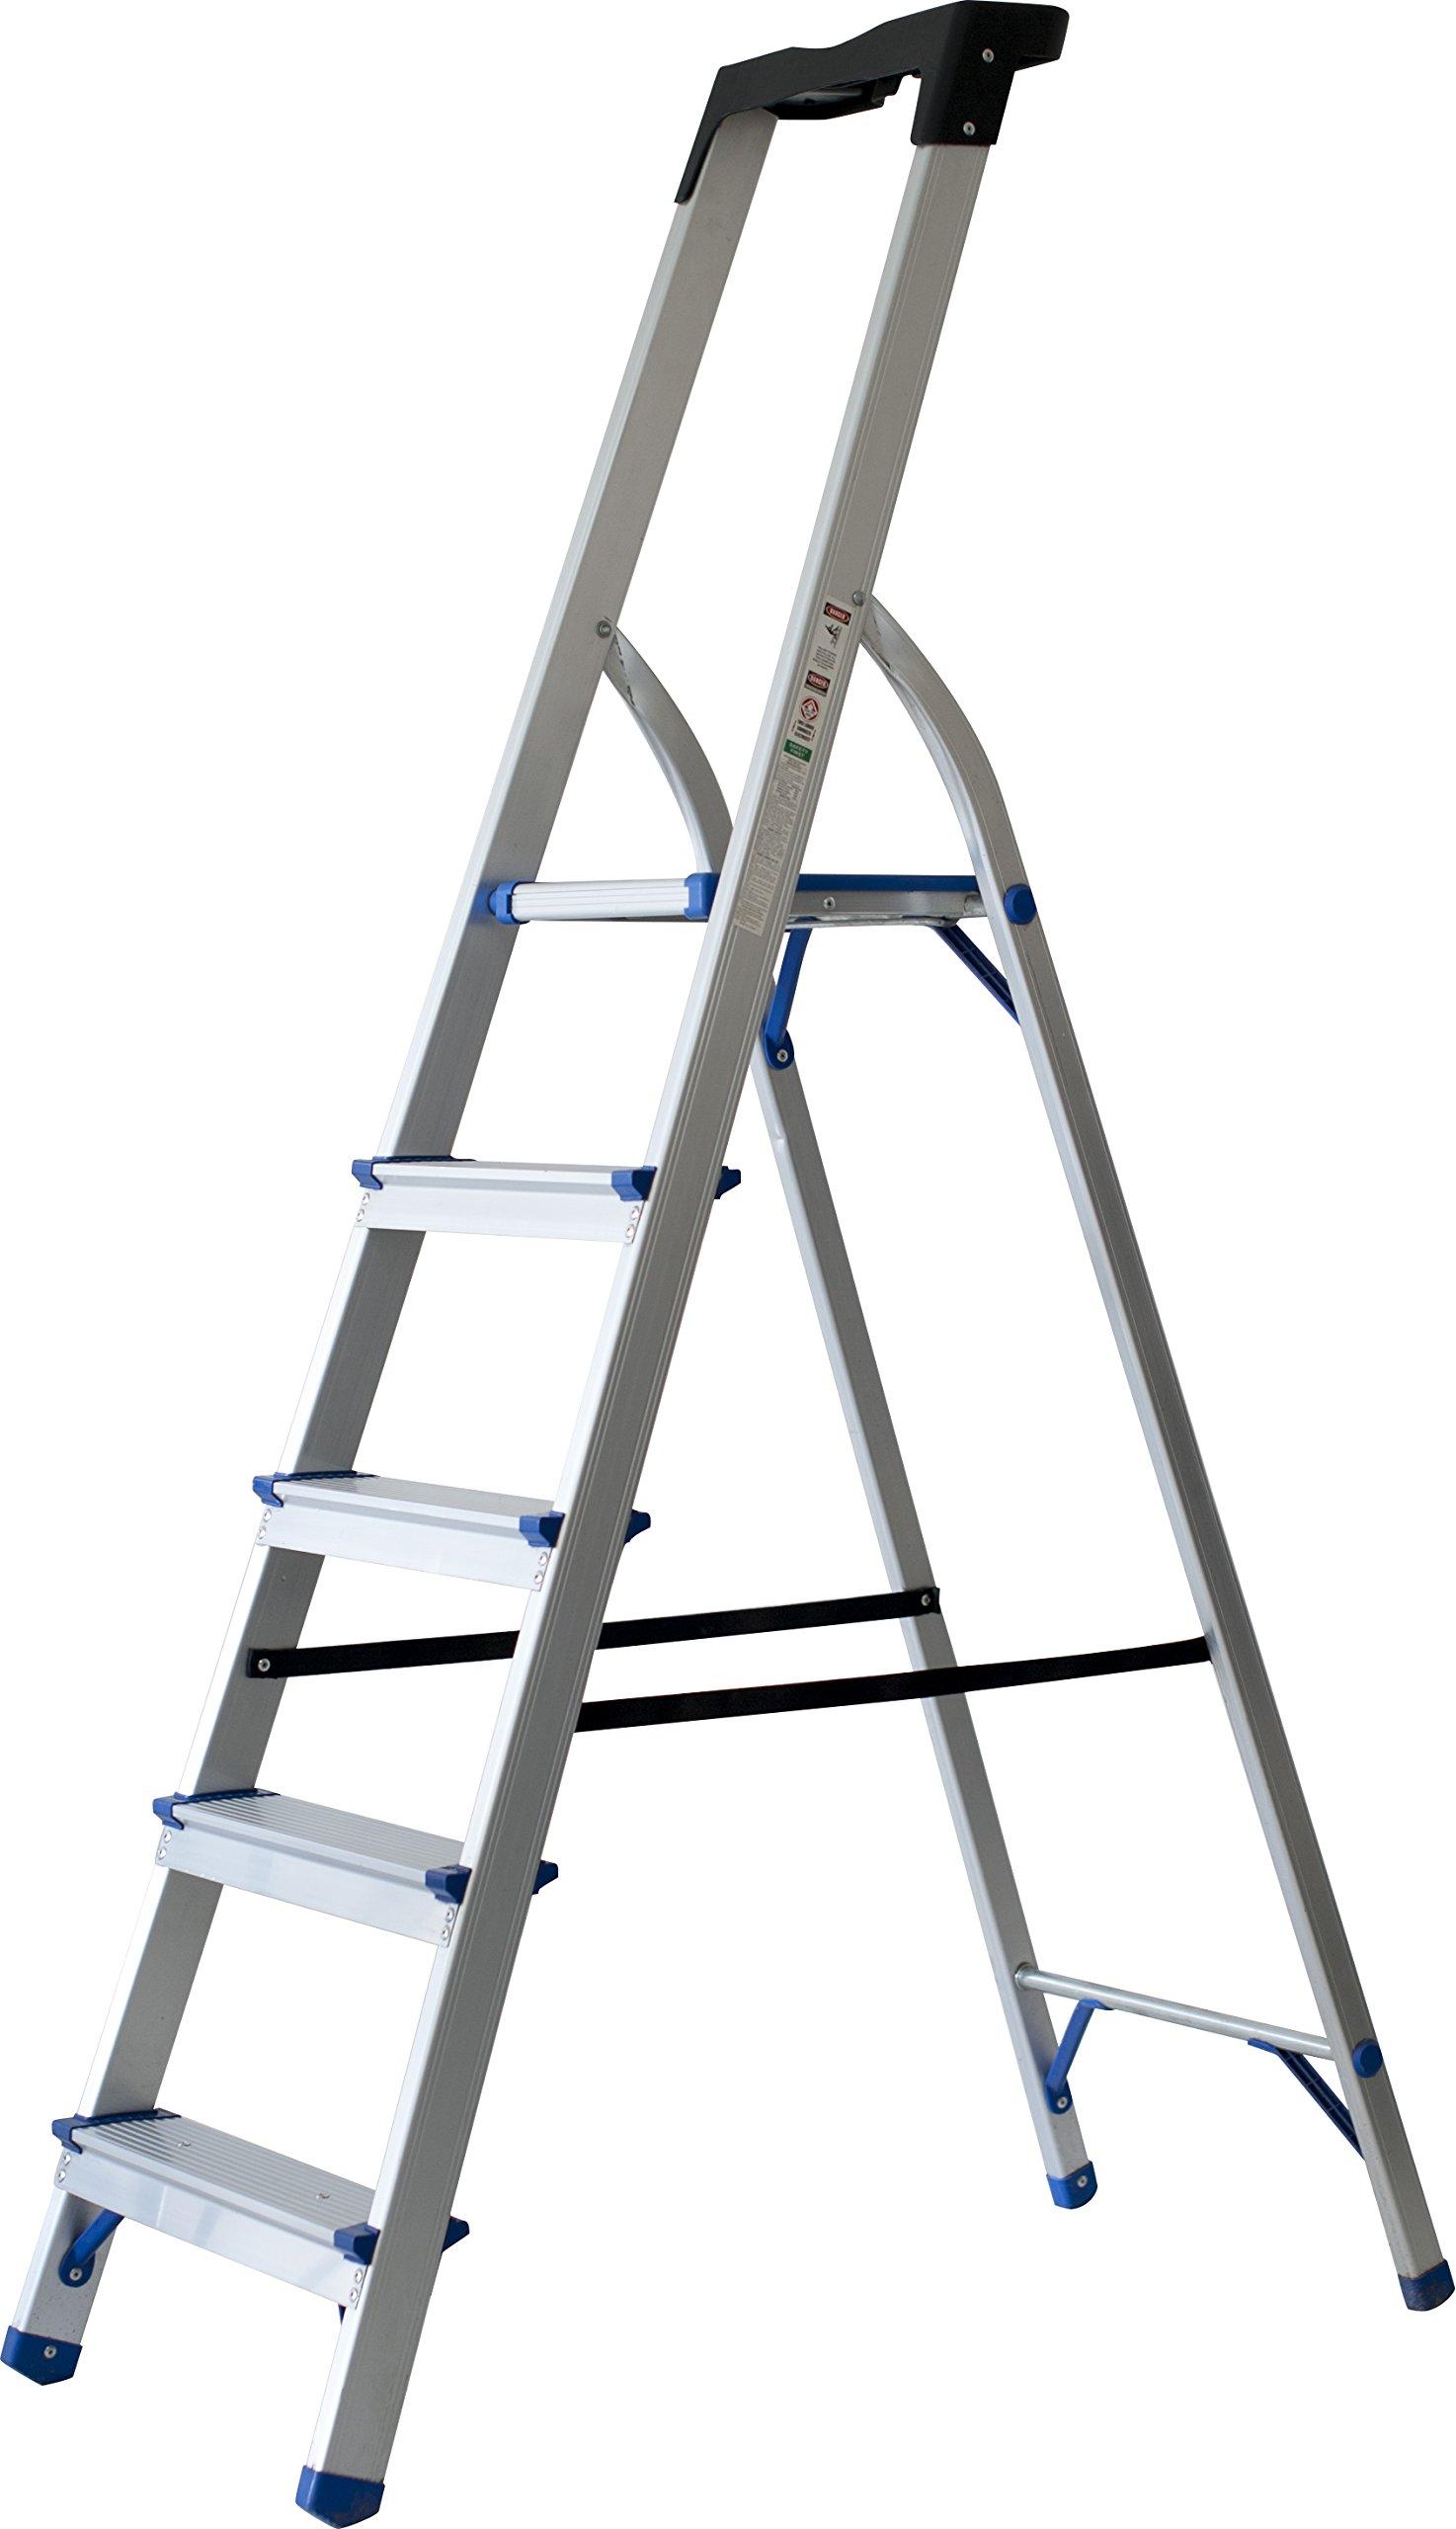 Sin Marca 8037346 - Escalera metálica de cinco peldaños: Amazon.es: Oficina y papelería